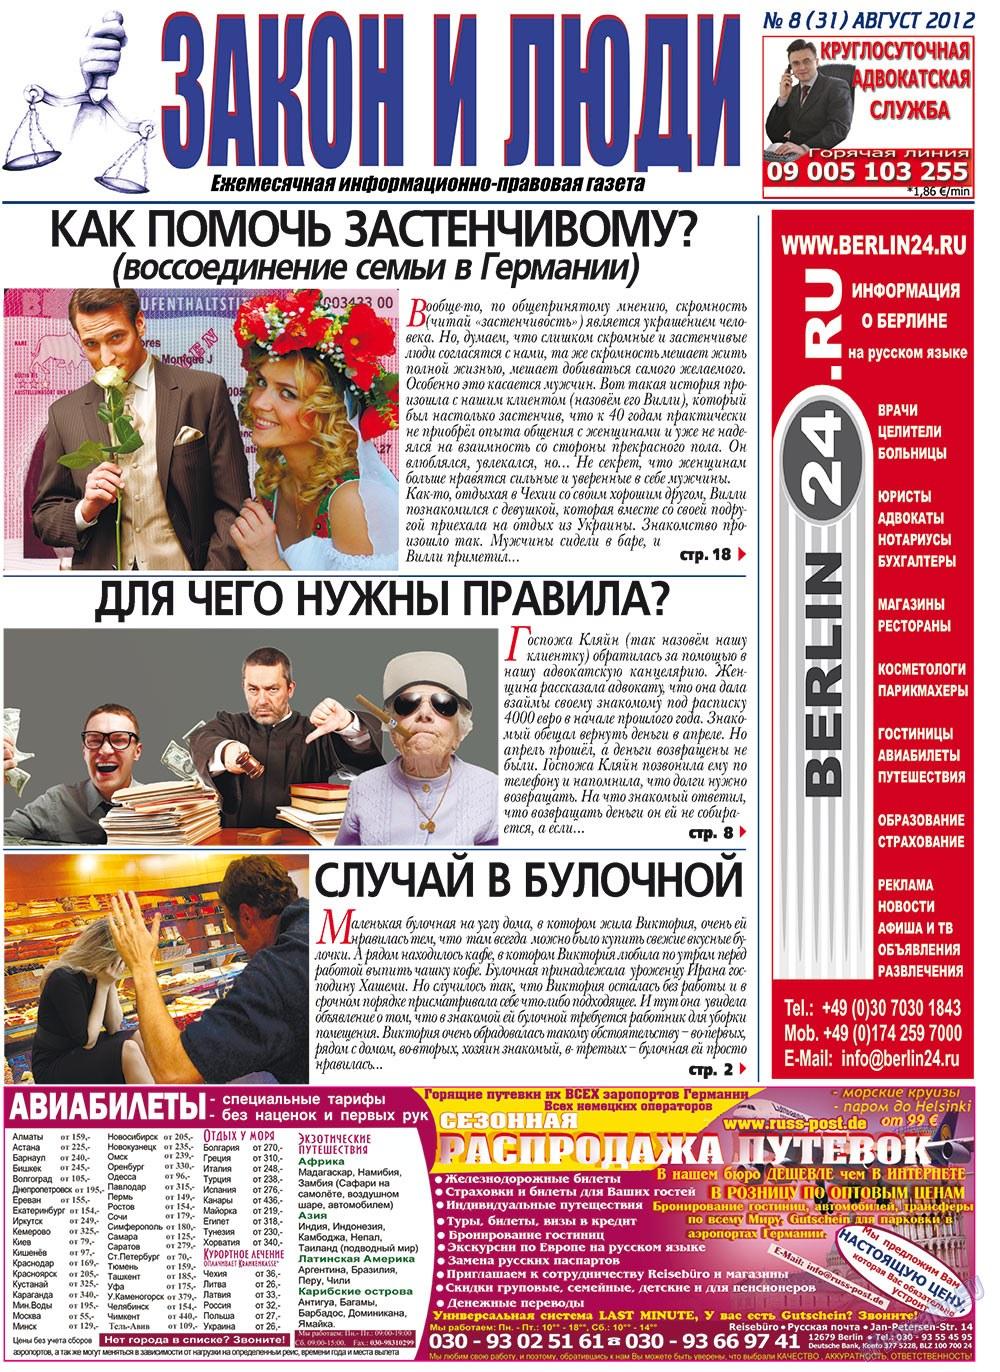 Закон и люди (газета). 2012 год, номер 8, стр. 1